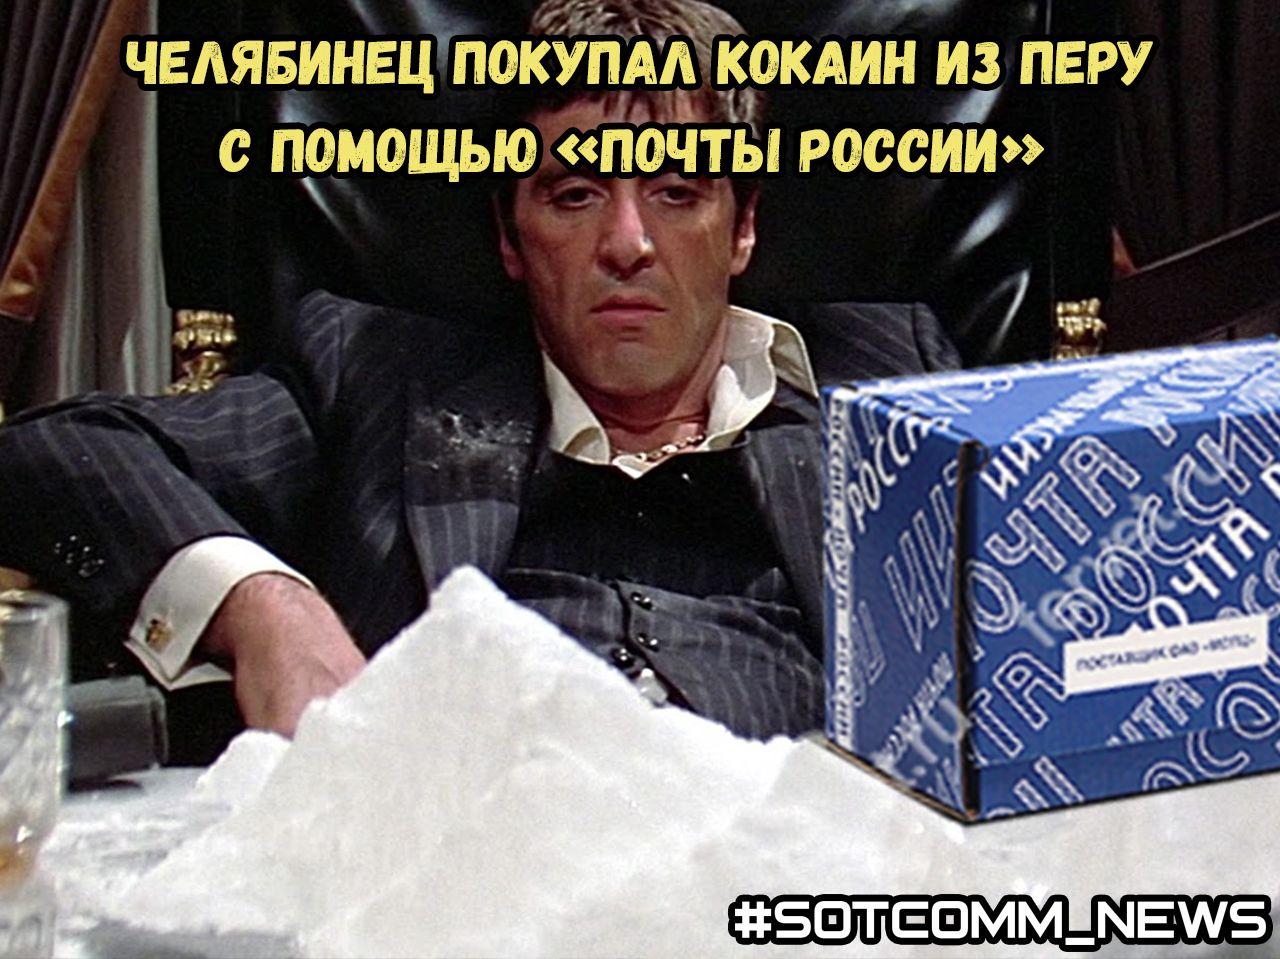 Челябинец покупал кокаин из Перу c помощью «Почты России»